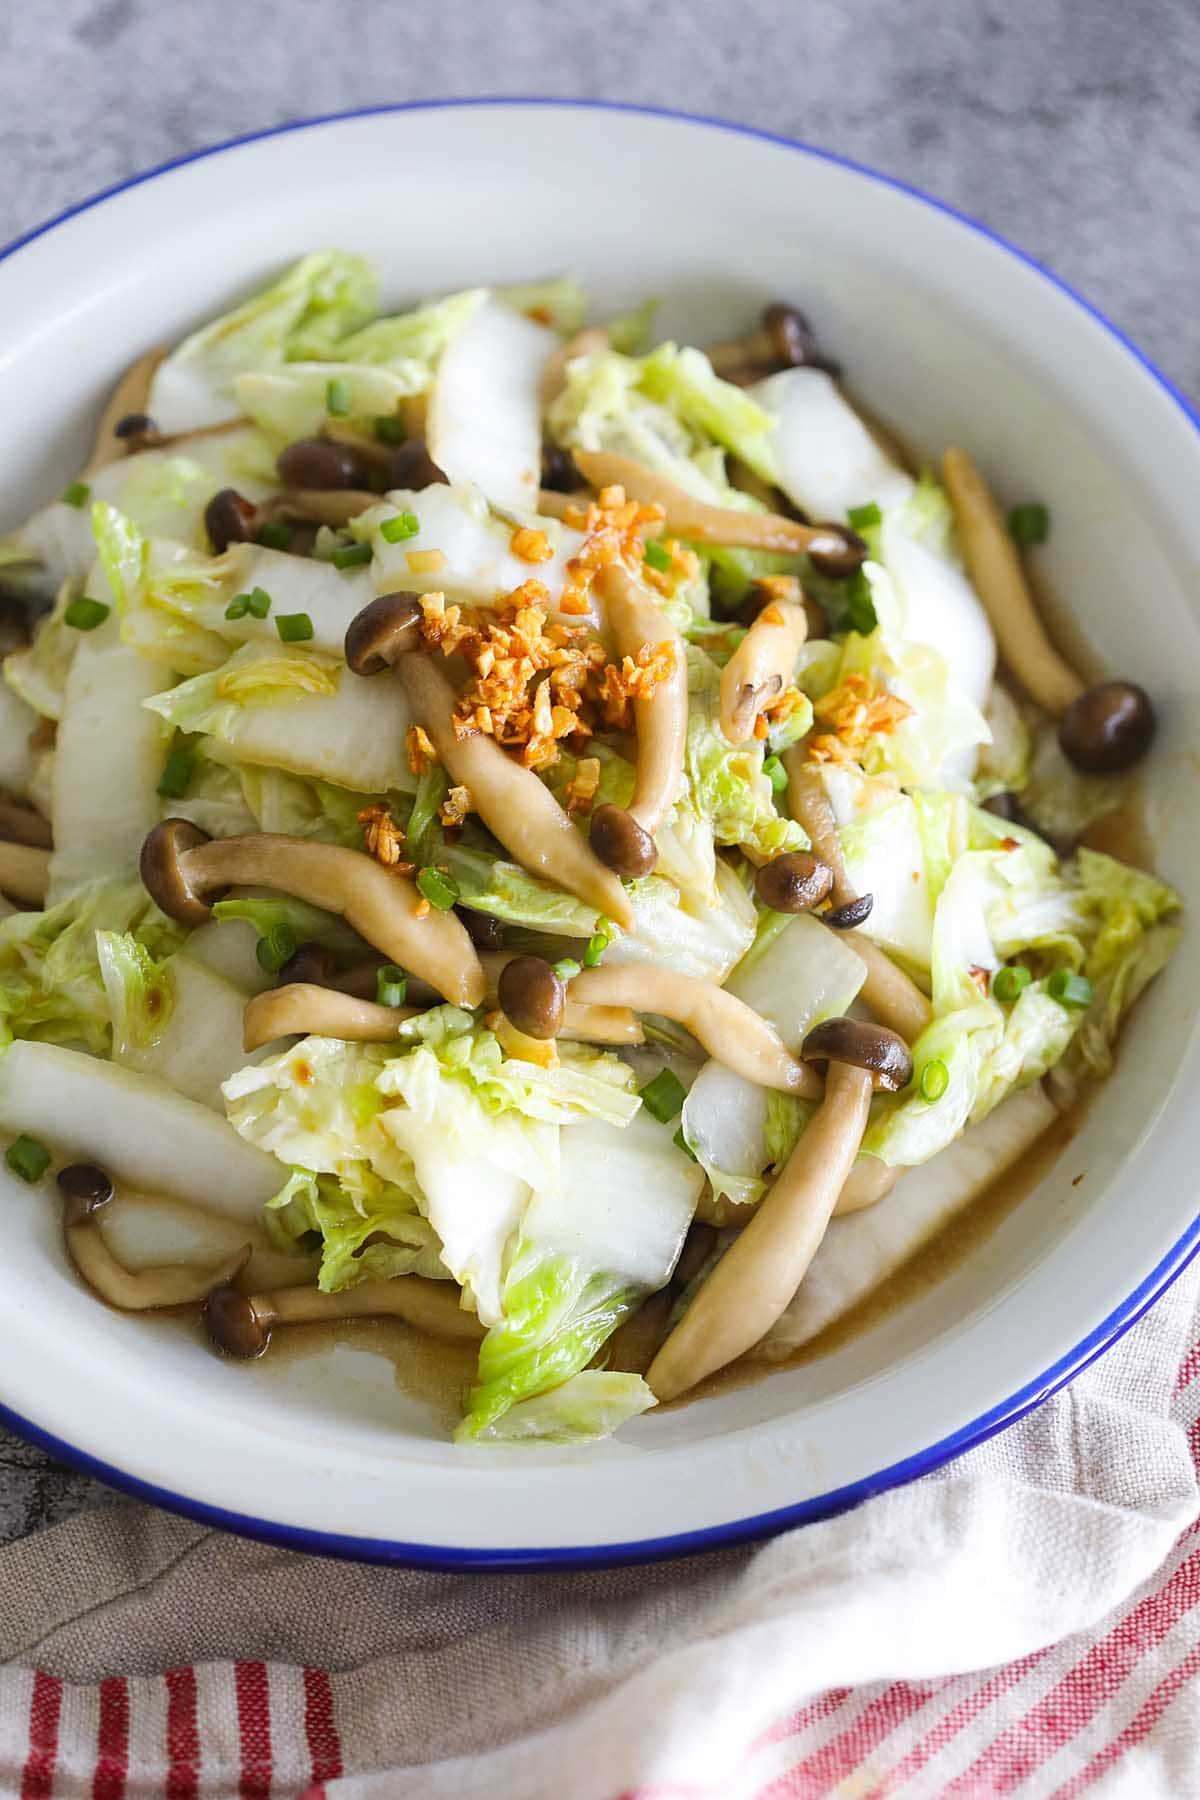 Une des recettes de chou Napa les plus faciles est le sauté de chou Napa aux champignons.